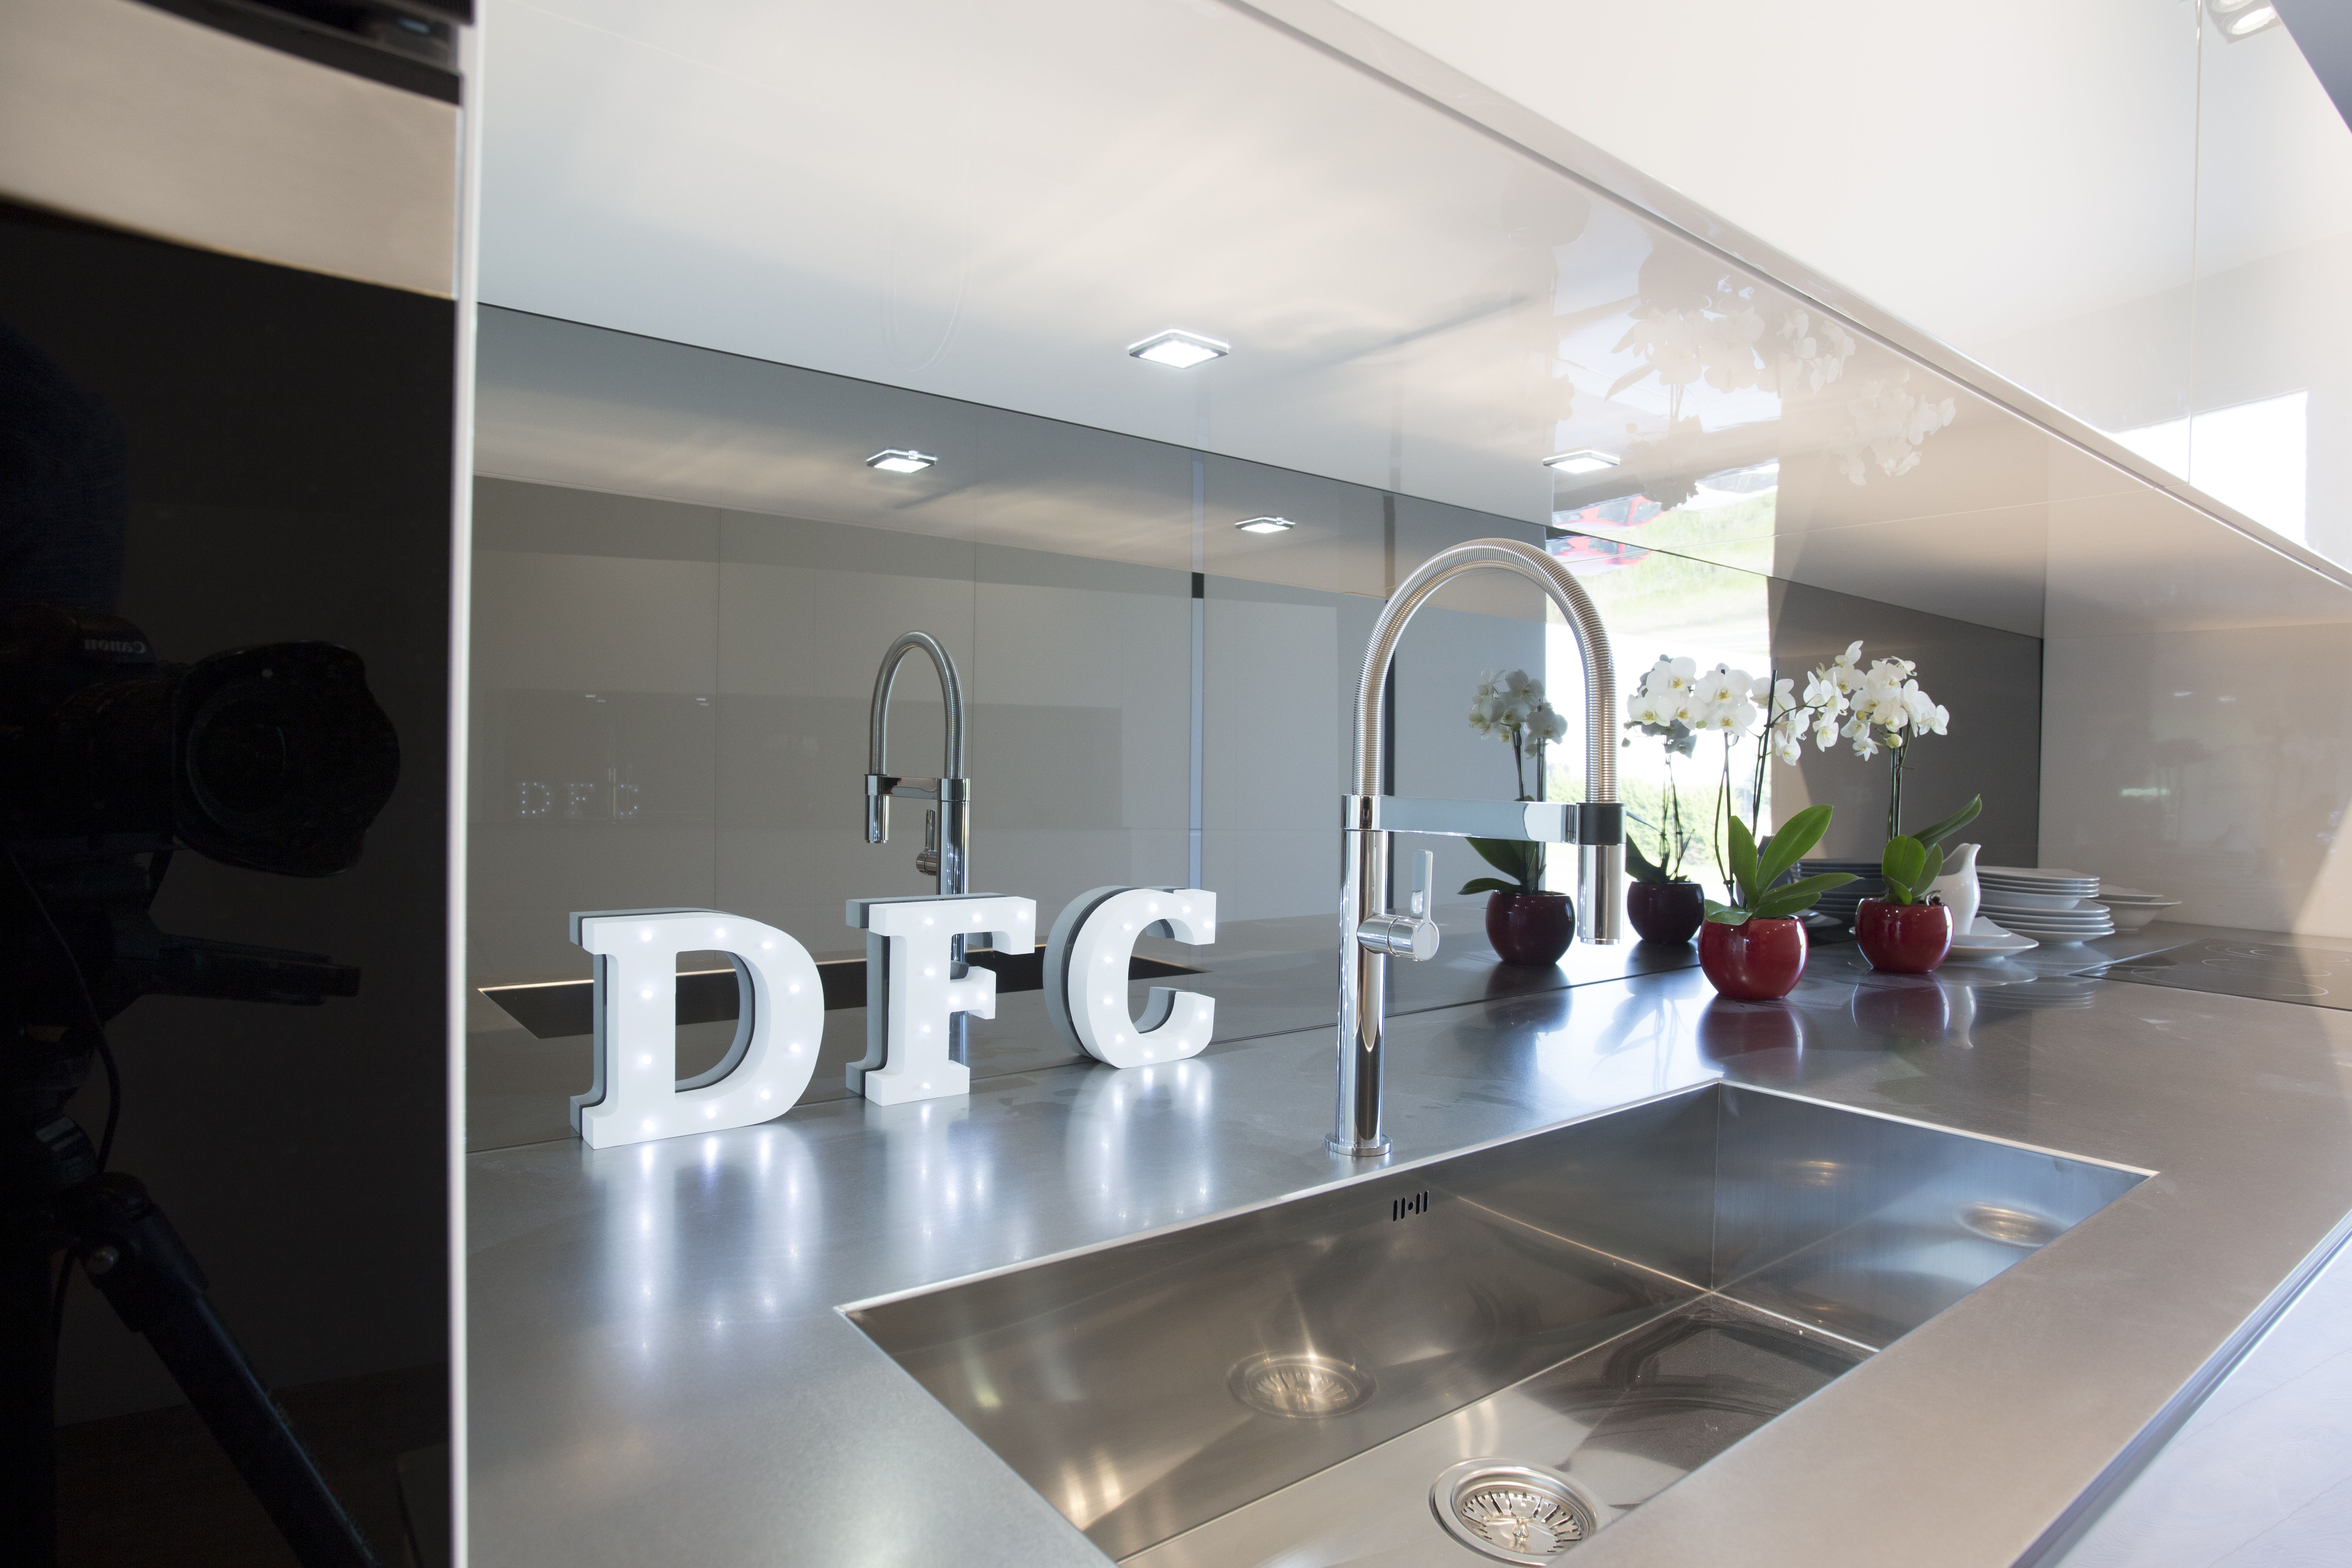 Foto 6 de Muebles de cocina en Arcahueja | DFC Mobiliario